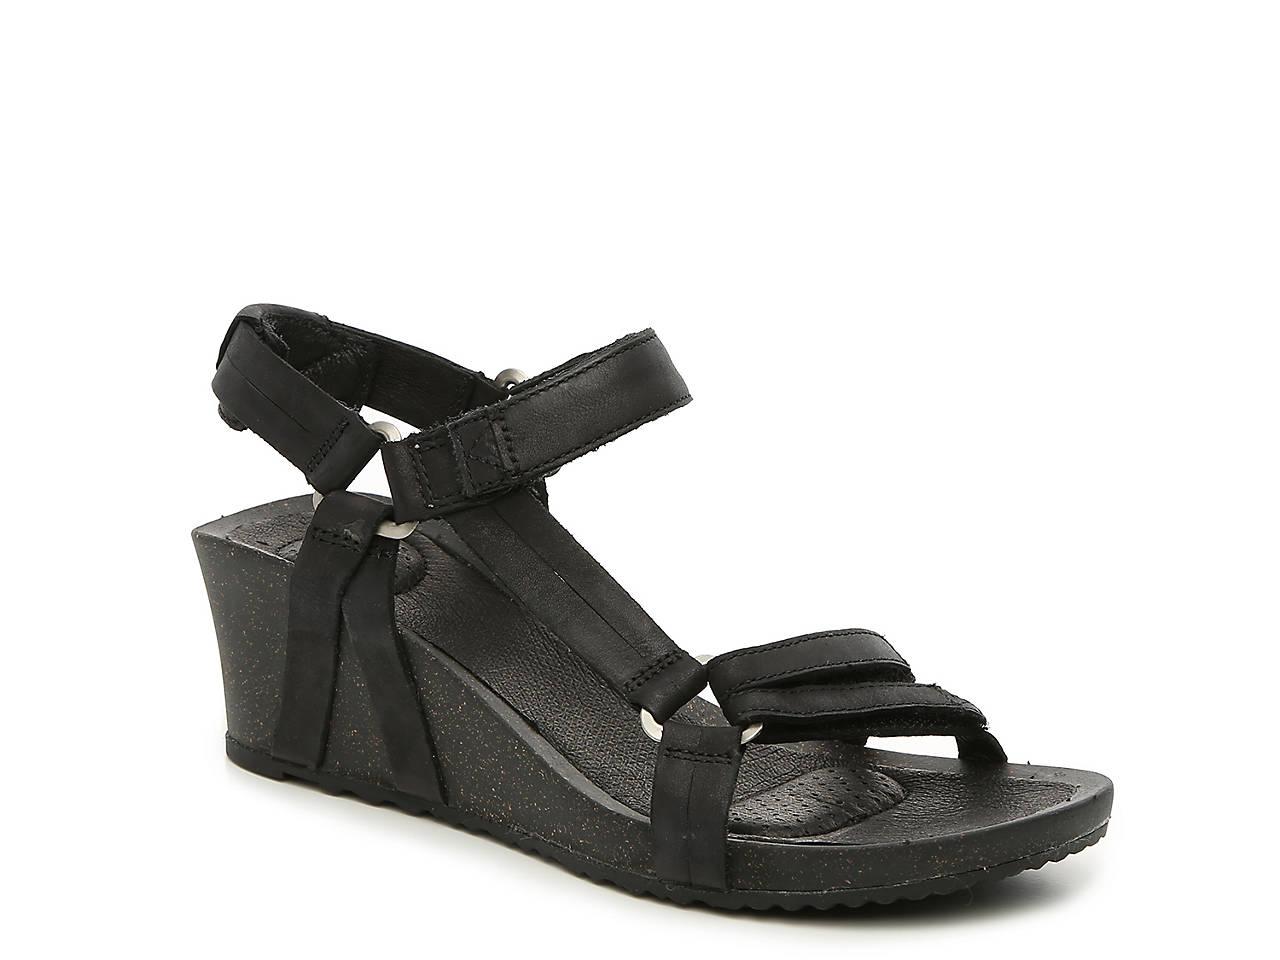 Ysidro Wedge Sandal